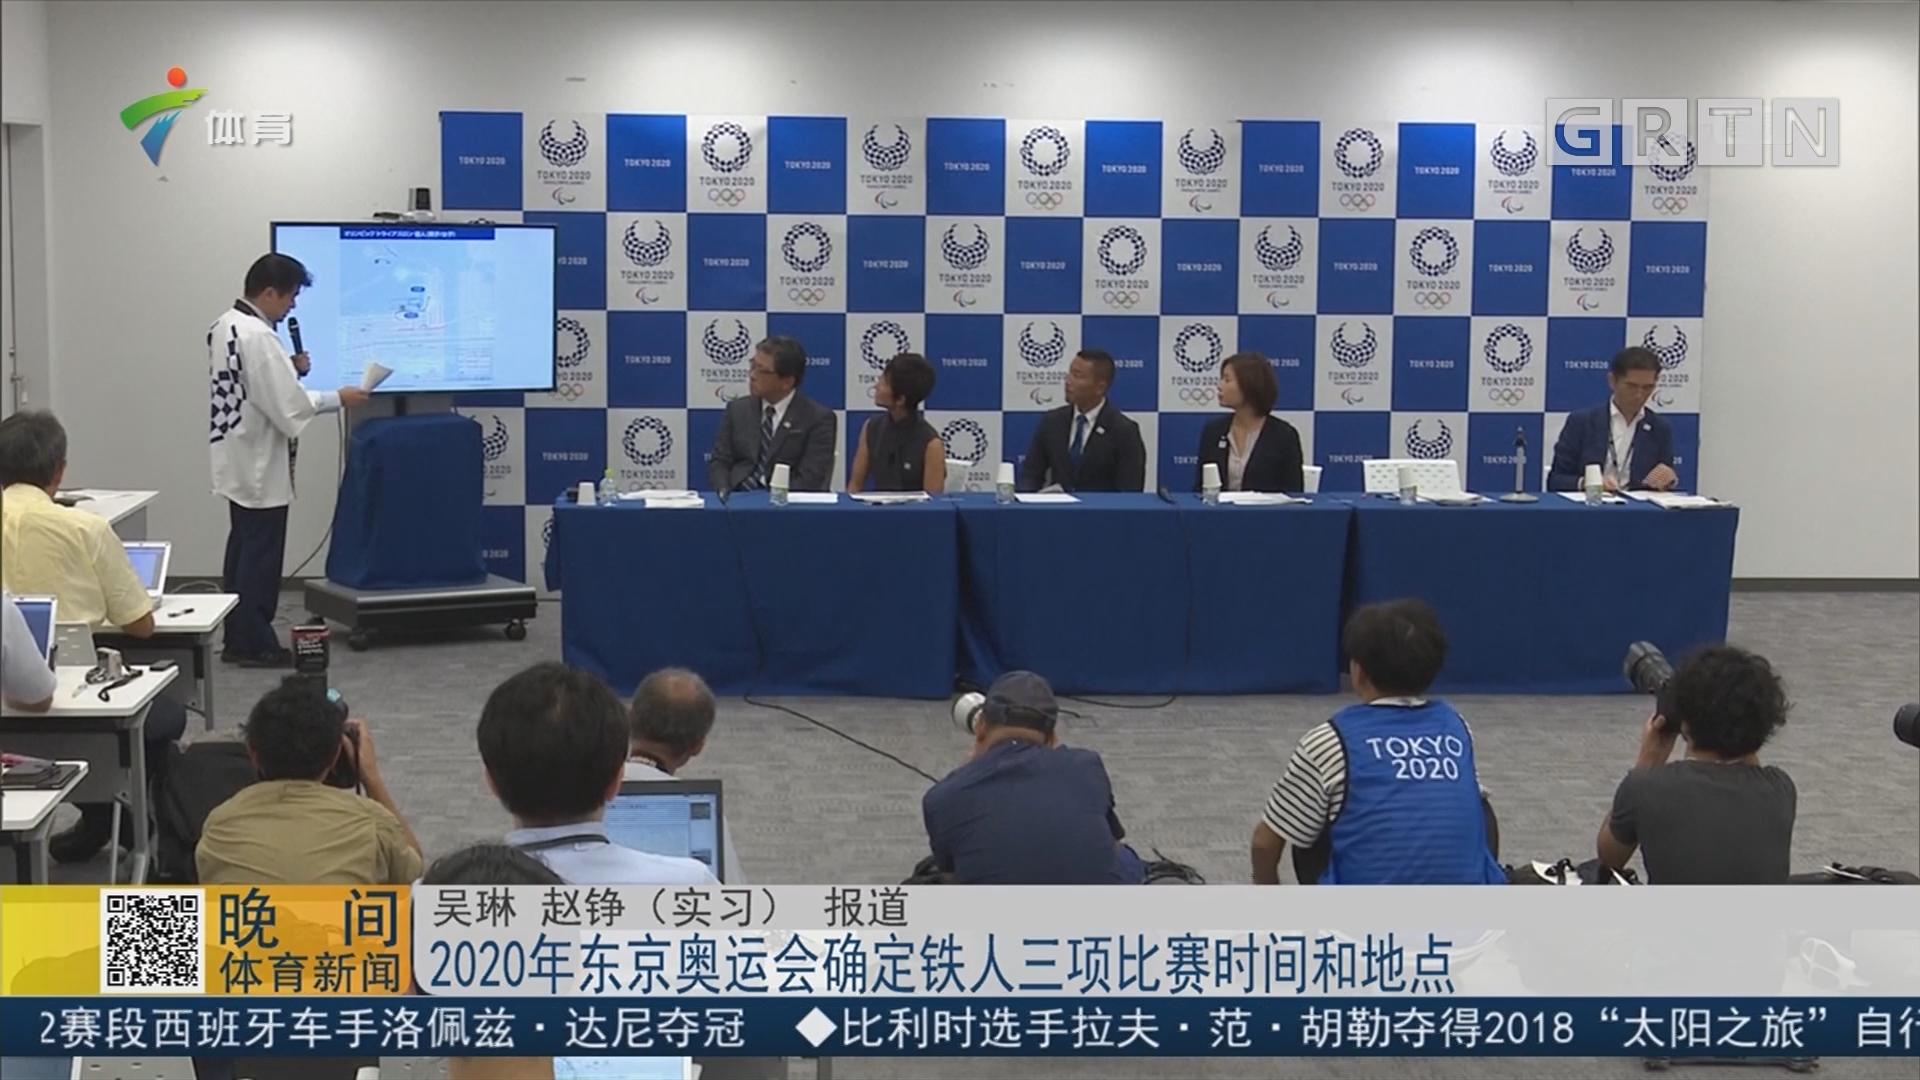 2020年东京奥运会确定铁人三项比赛时间和地点